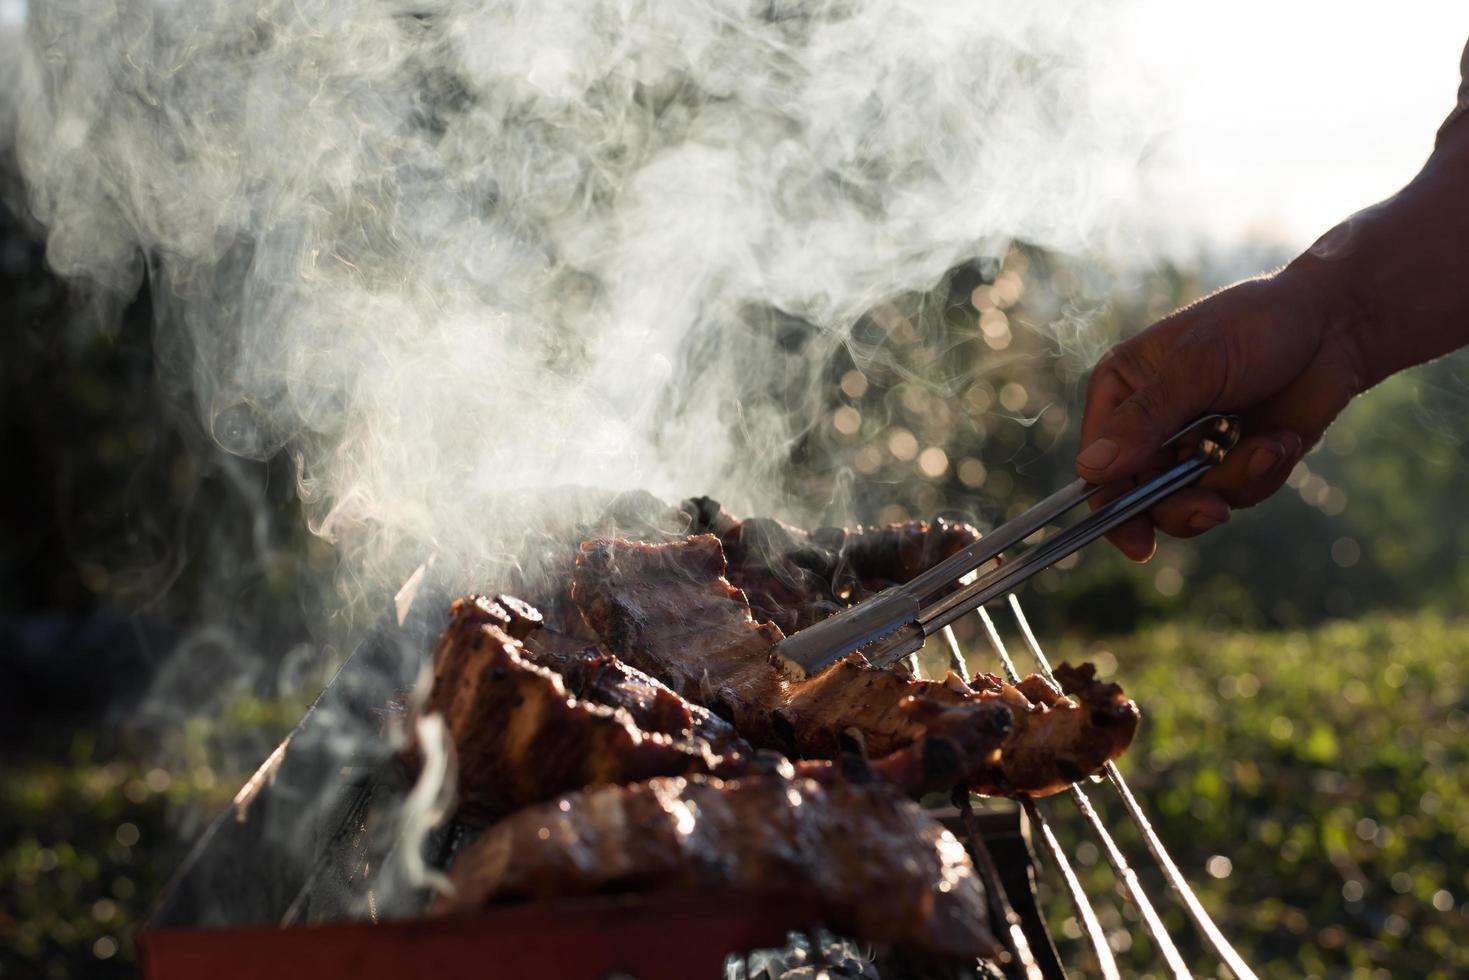 lamskoteletten op de grill foto